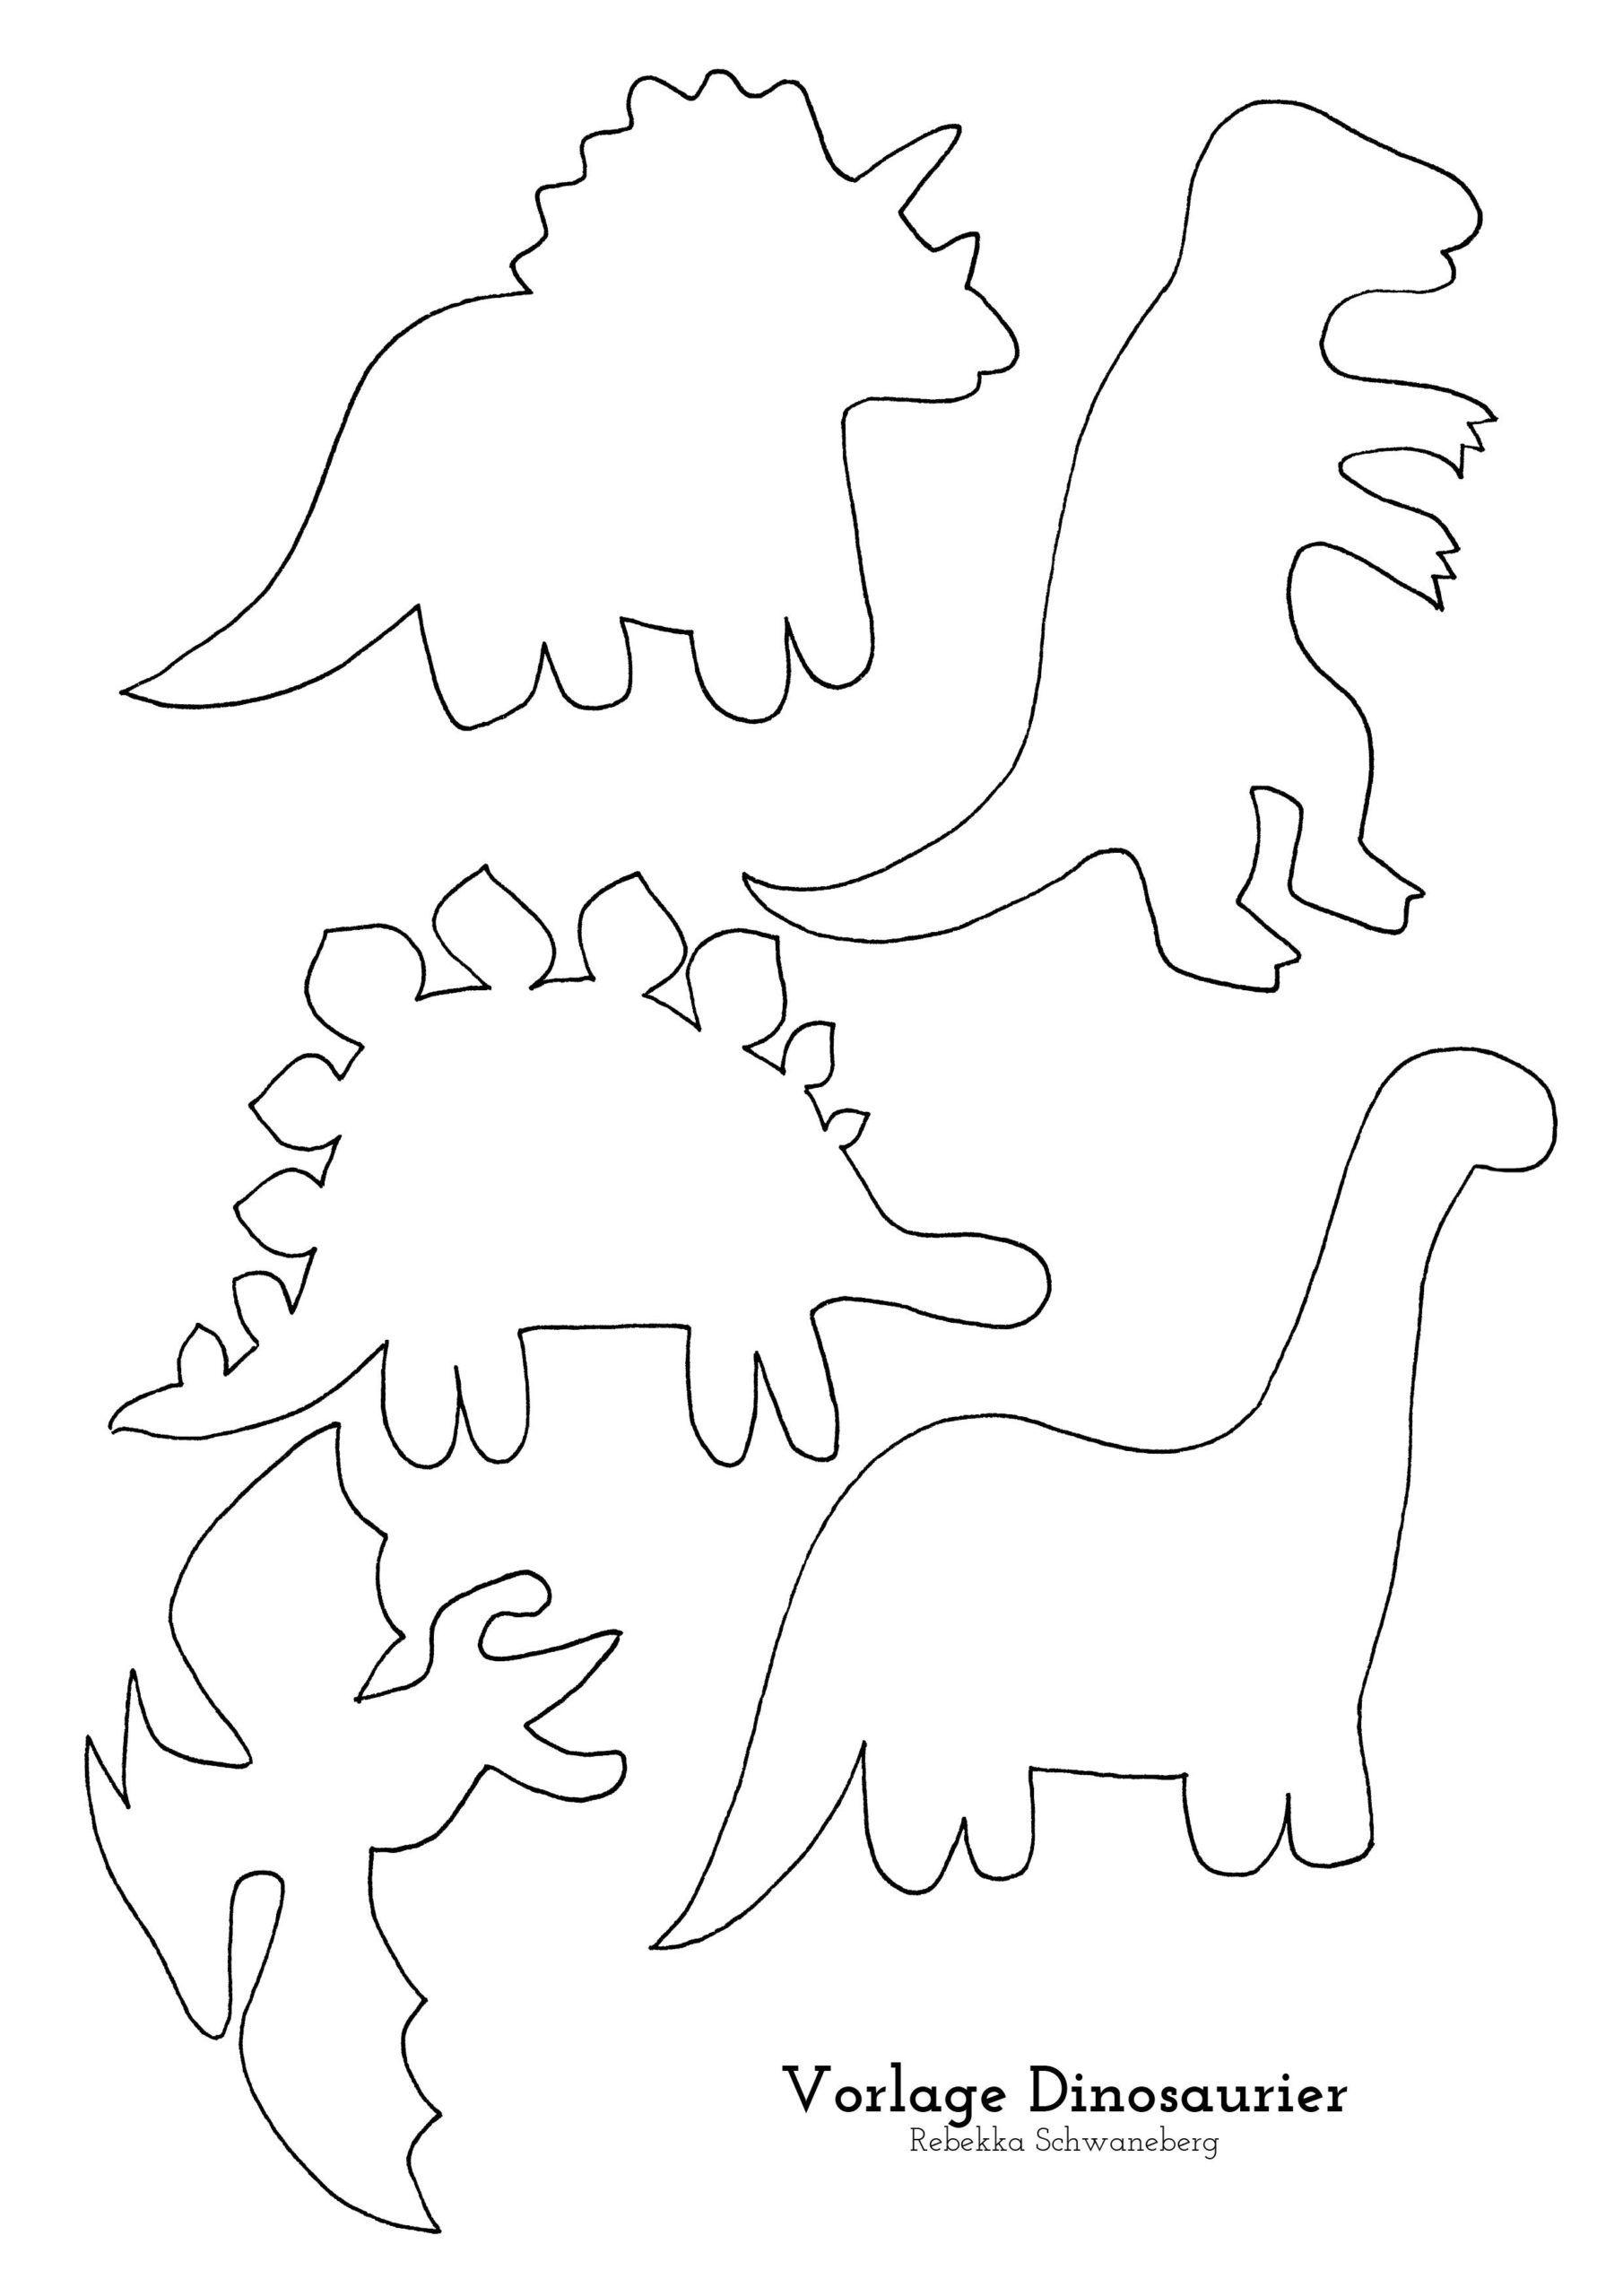 Template Dinosaurier Kostenloser Download In 2020 Dinosaurier Geburtstag Kinder Dinosaurier Dinosaurier